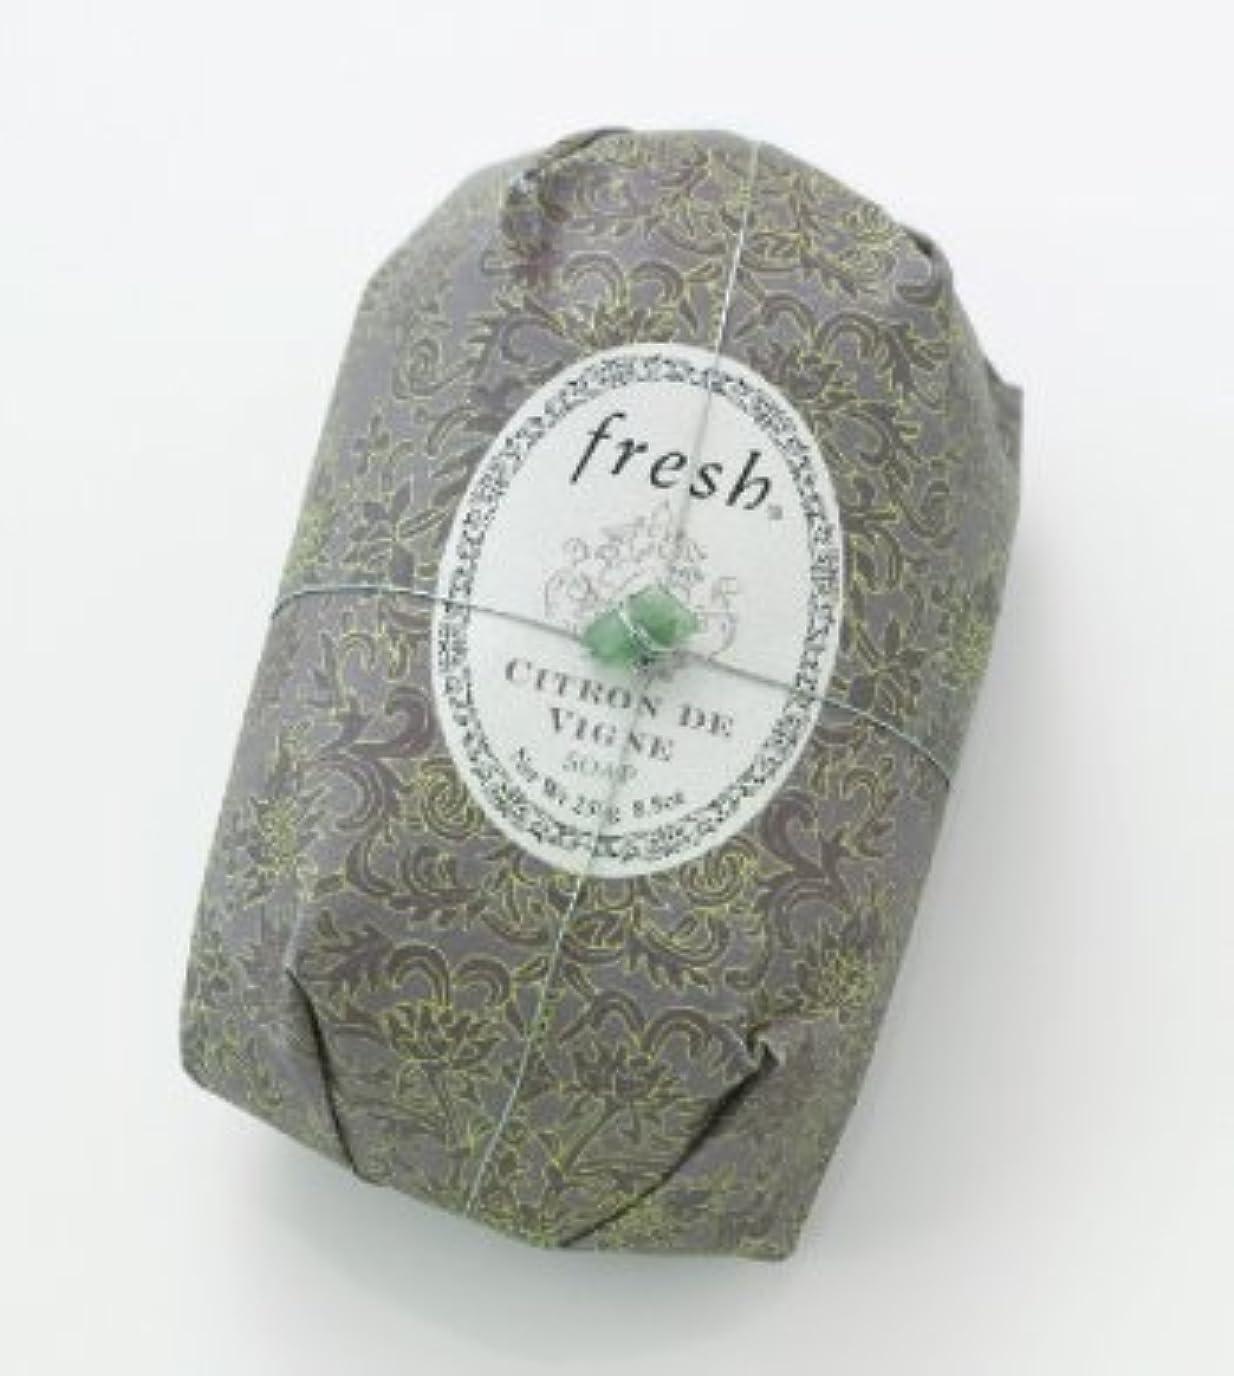 逃す取り付けバランスFresh CITRON DE VIGNE SOAP (フレッシュ シトロンデヴァイン ソープ) 8.8 oz (250g) Soap (石鹸) by Fresh